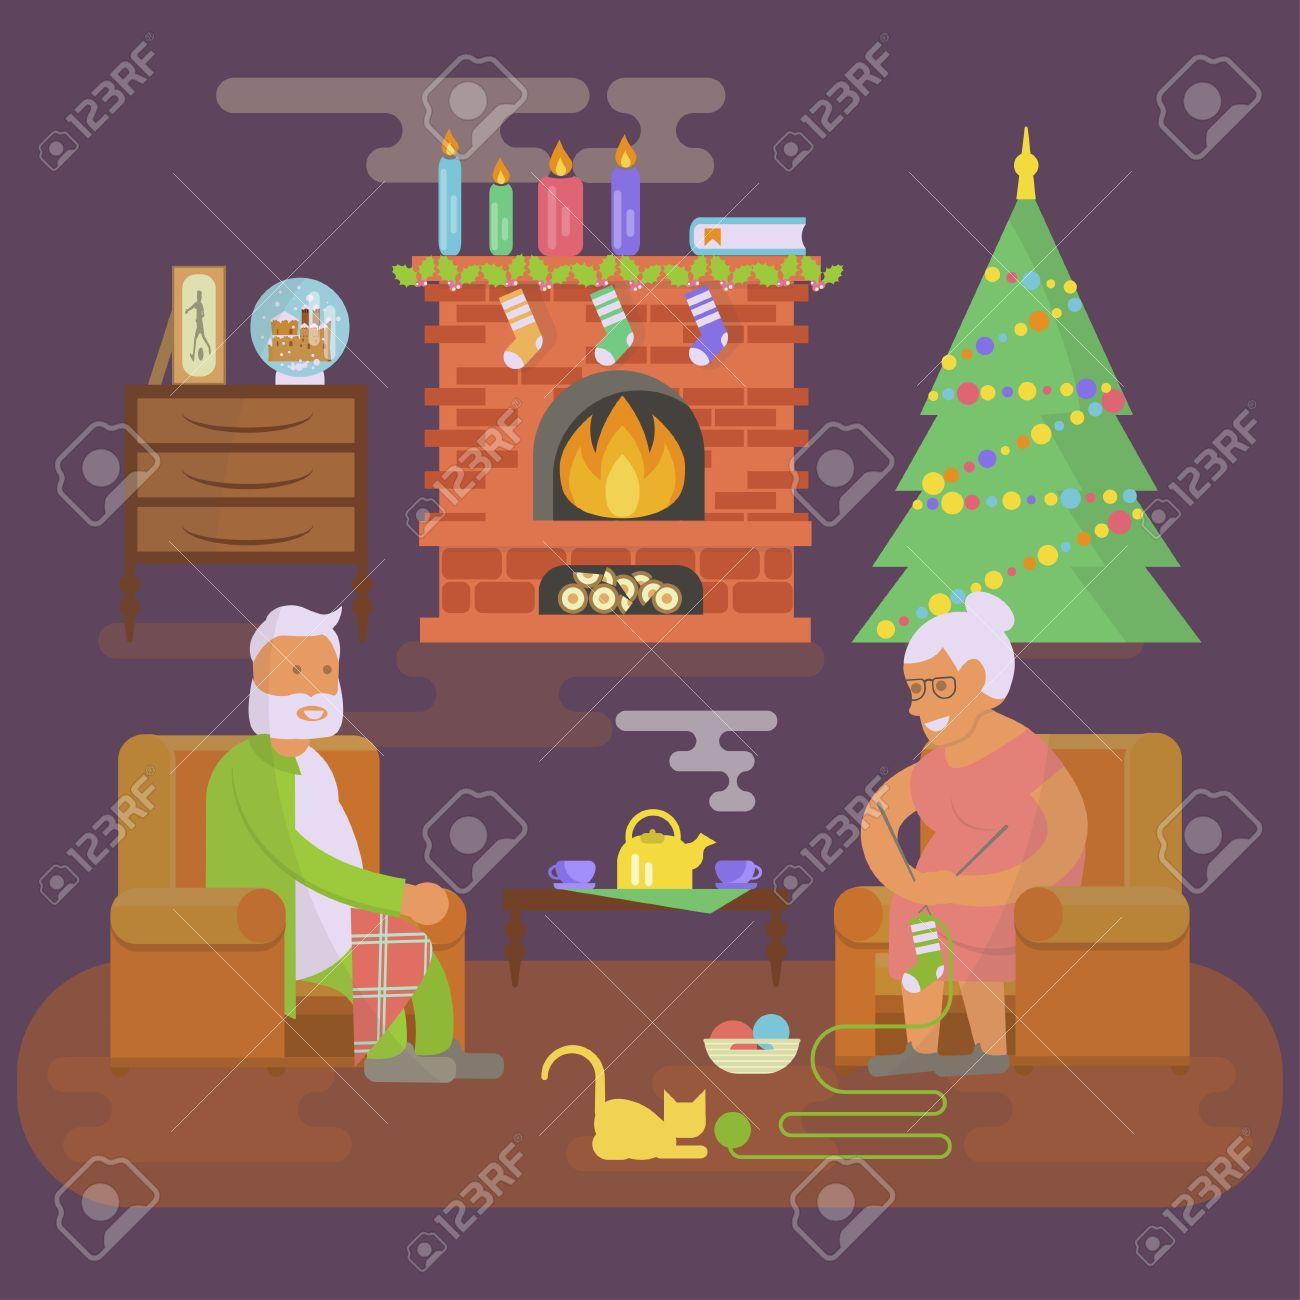 Haus-Weihnachts Zimmer Interieur-Objekte In Flachem Stil ...